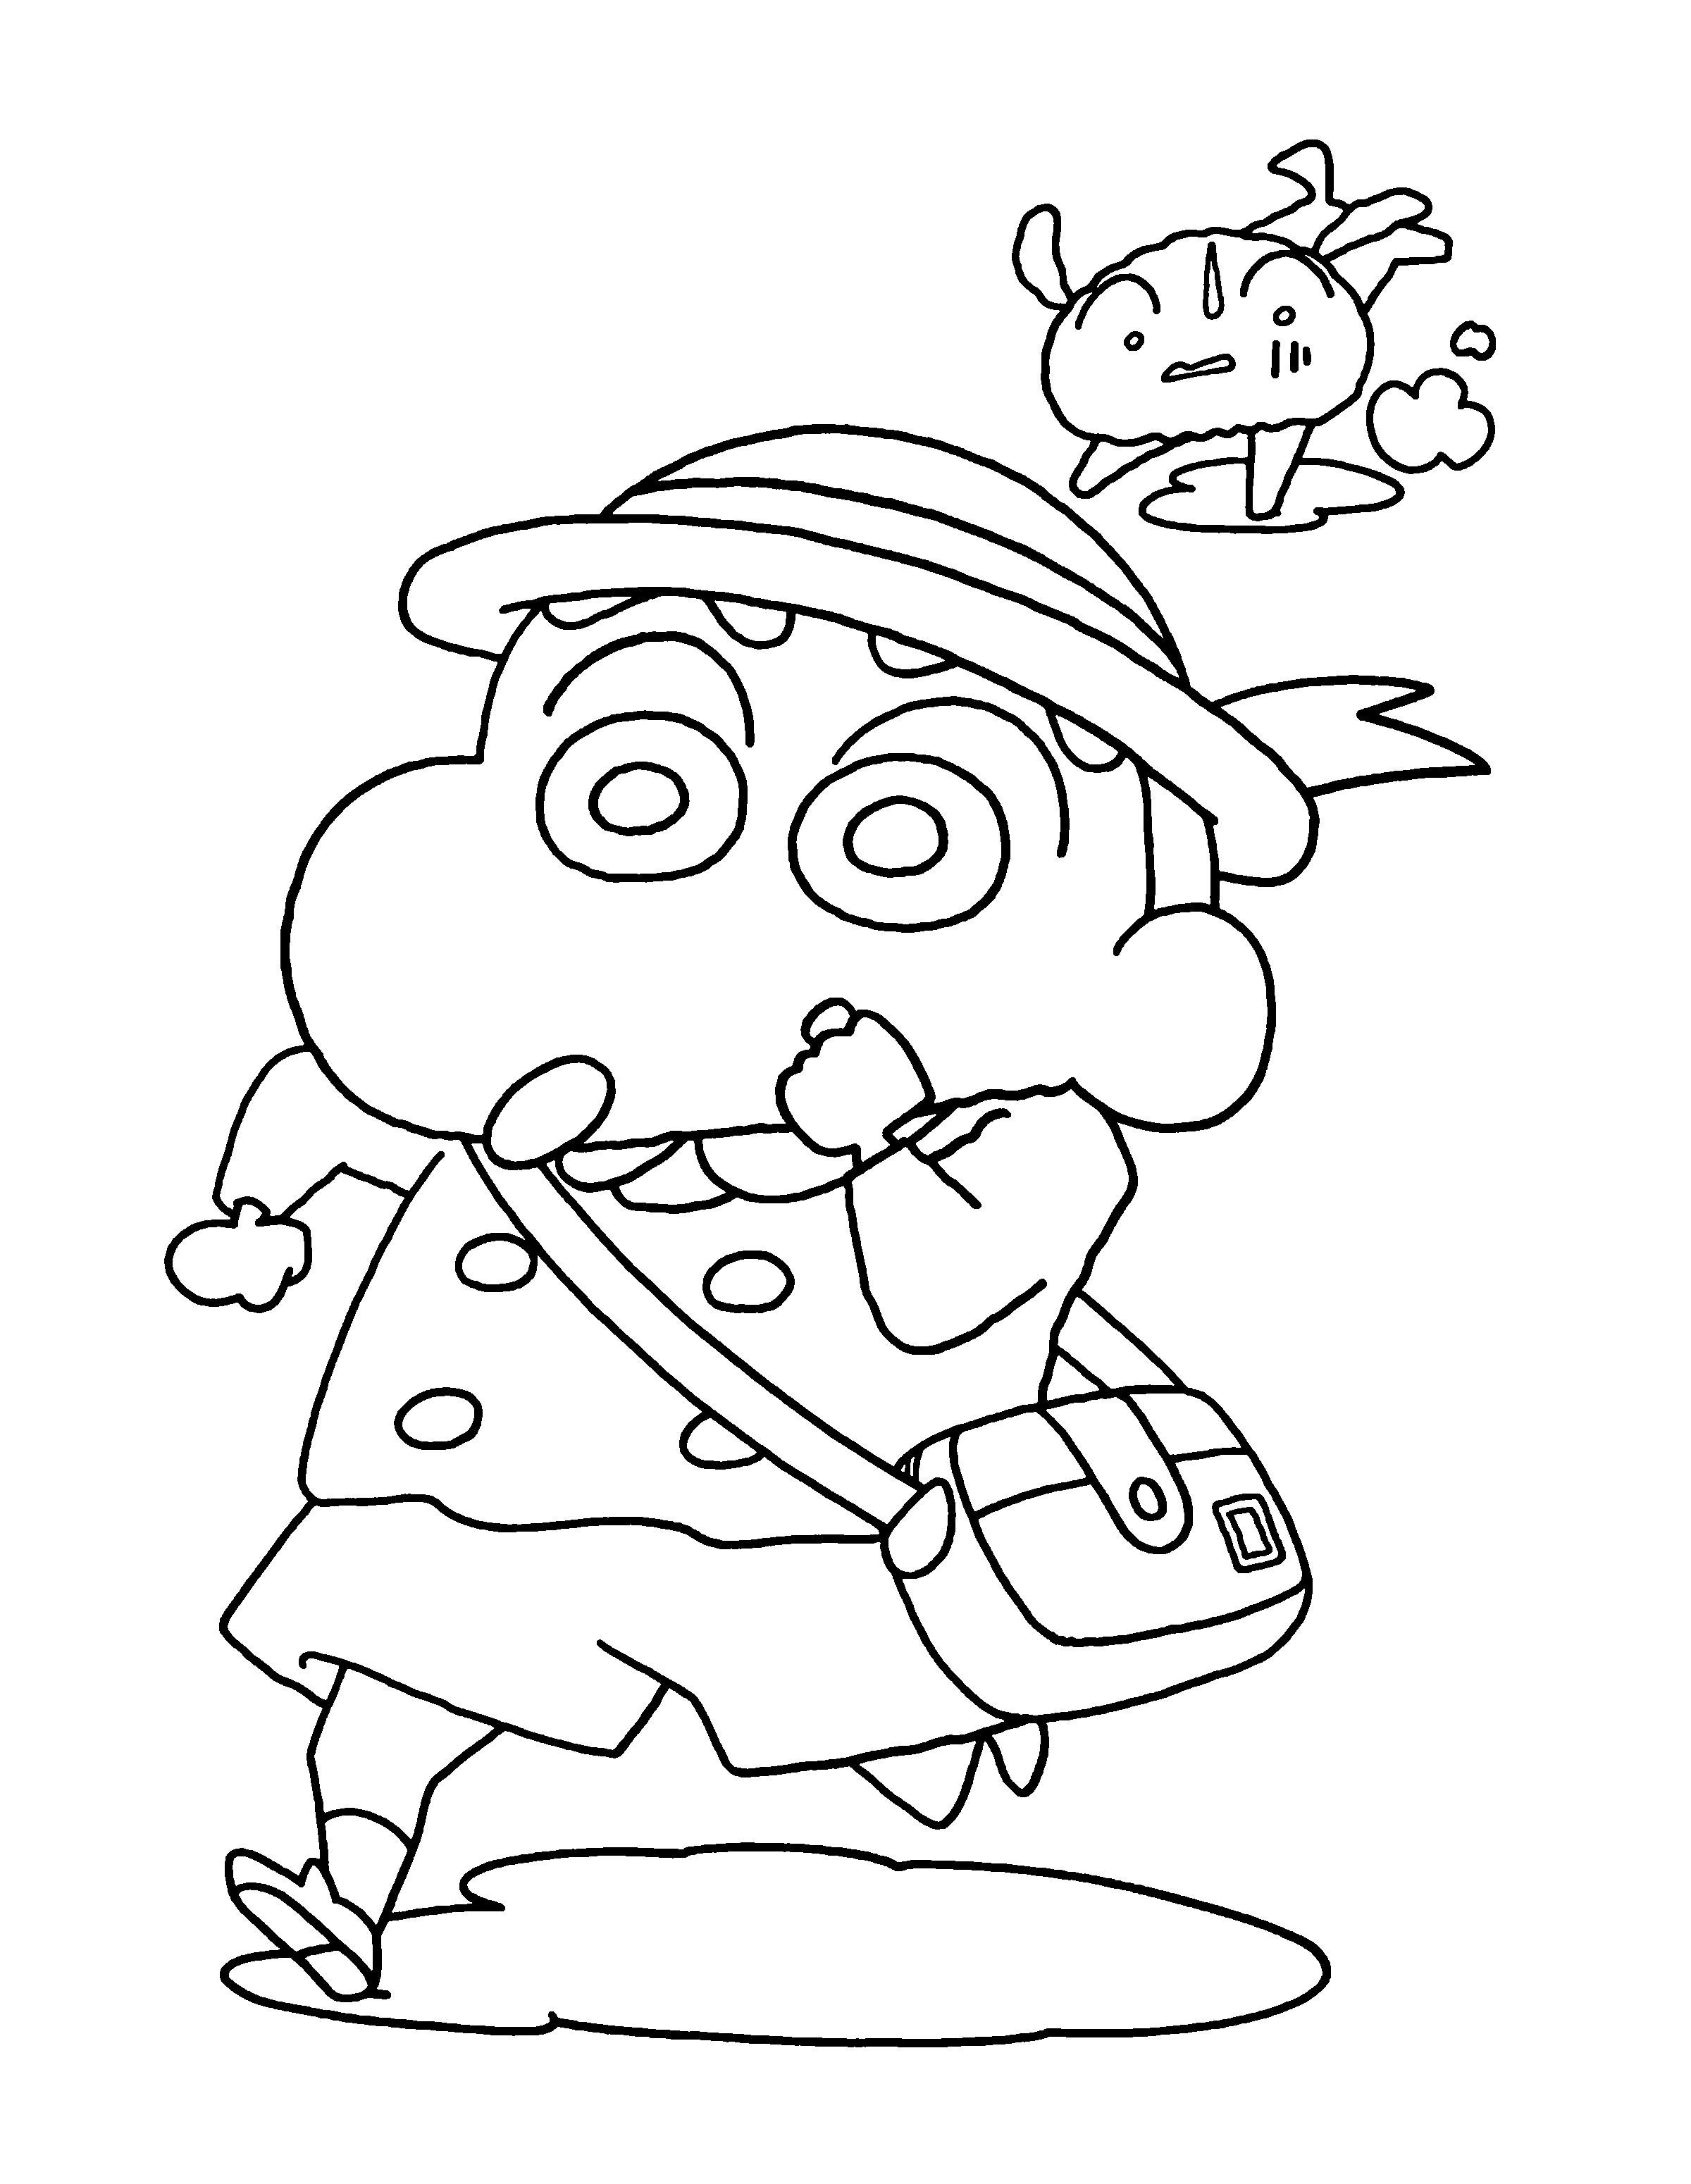 Tranh tô màu Shin cậu bé bút chì và chú chó cùng chạy đua